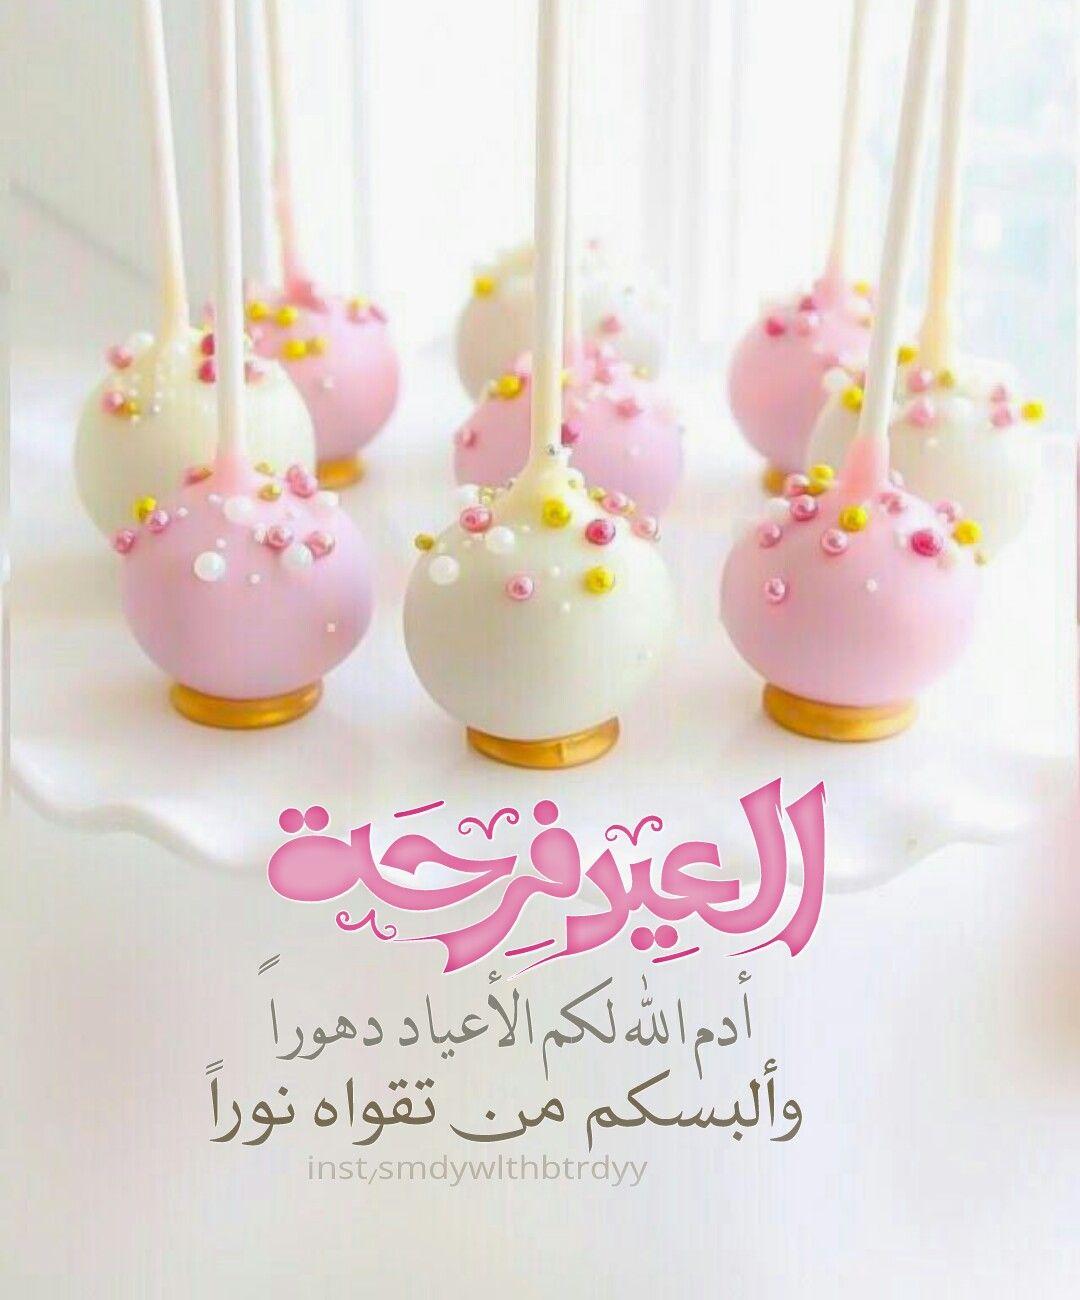 Pin By Kathiya On صور تهنئة Happy Eid Eid Cake Eid Greetings